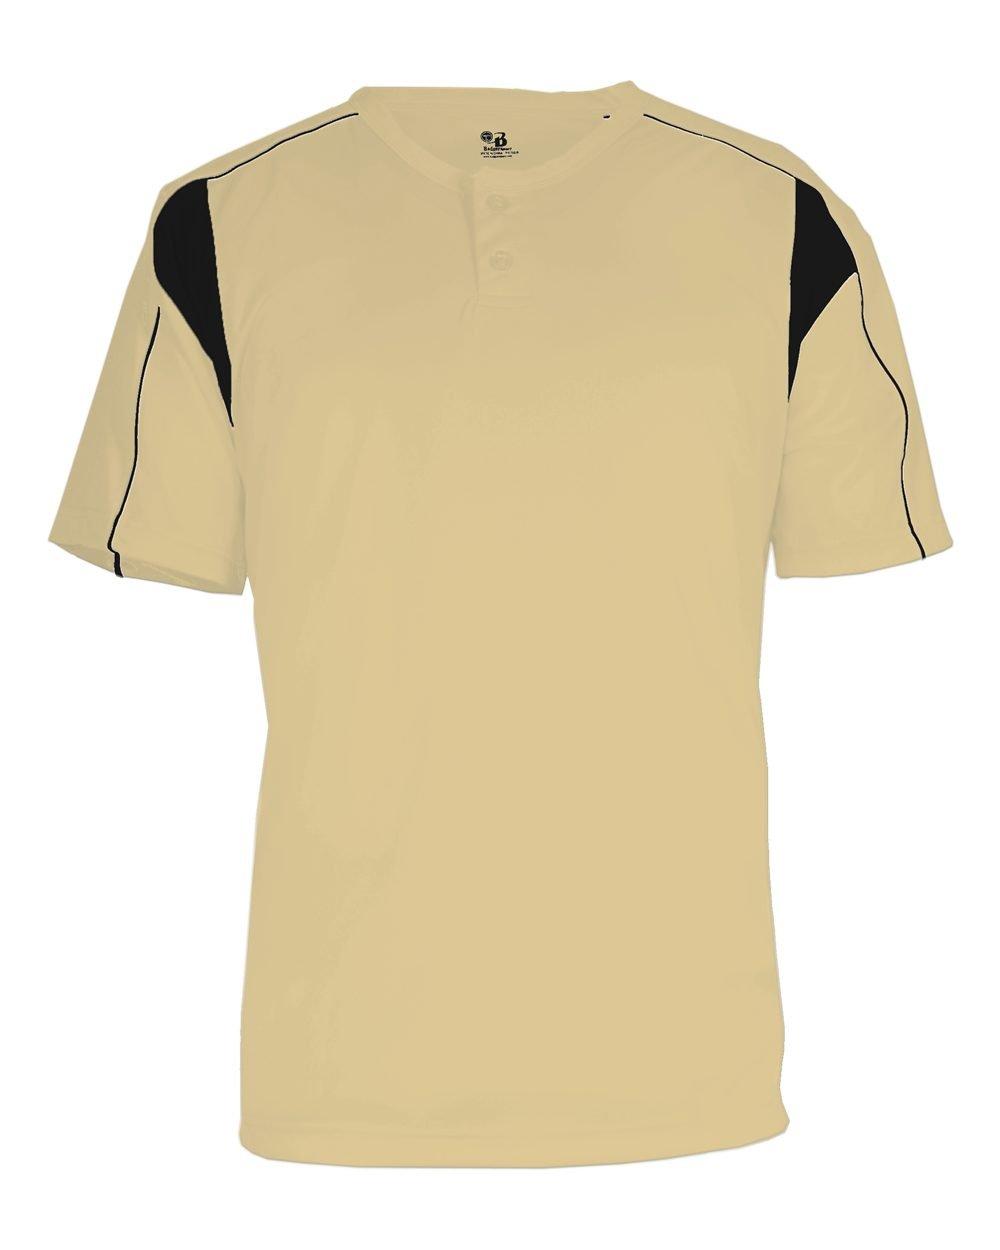 Badger 7937 BD Pro Plkt BSEBLL Tee B00E7NZLVY XL|Vegas Gold/ Blk Vegas Gold/ Blk XL